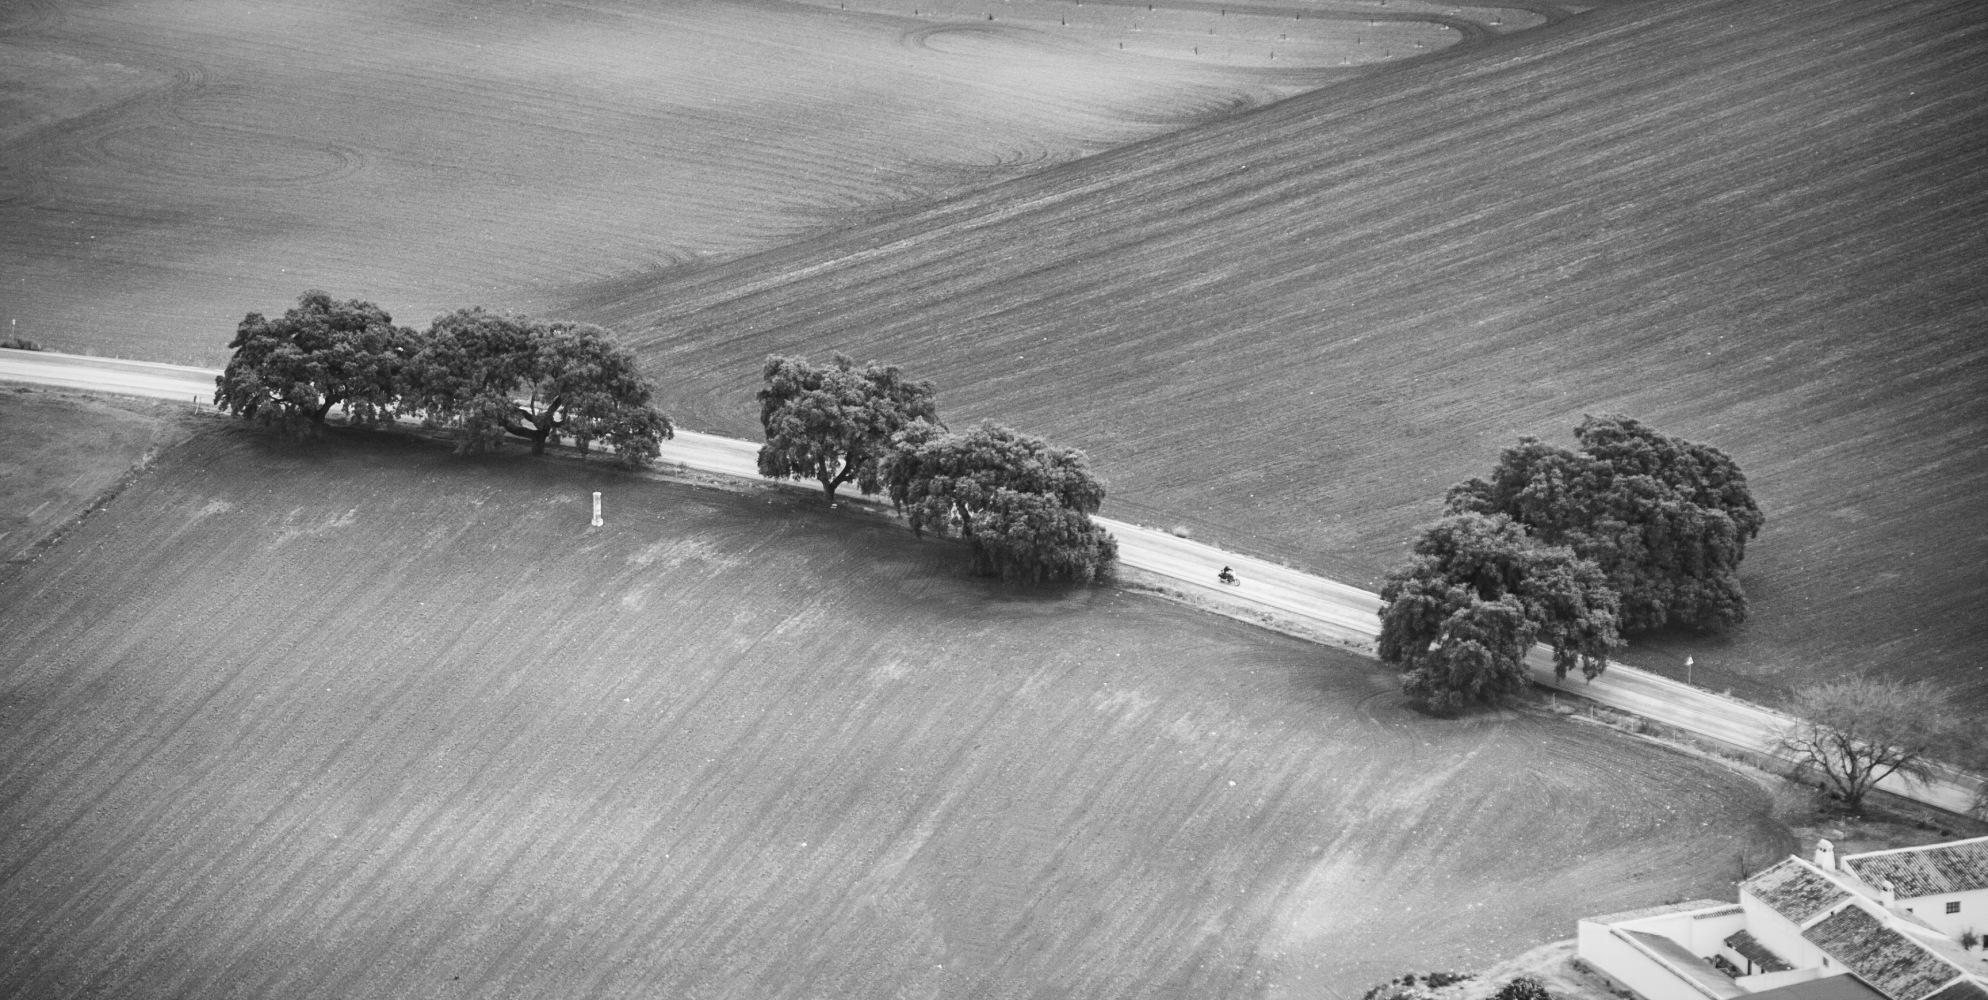 El camino by Fran Capote